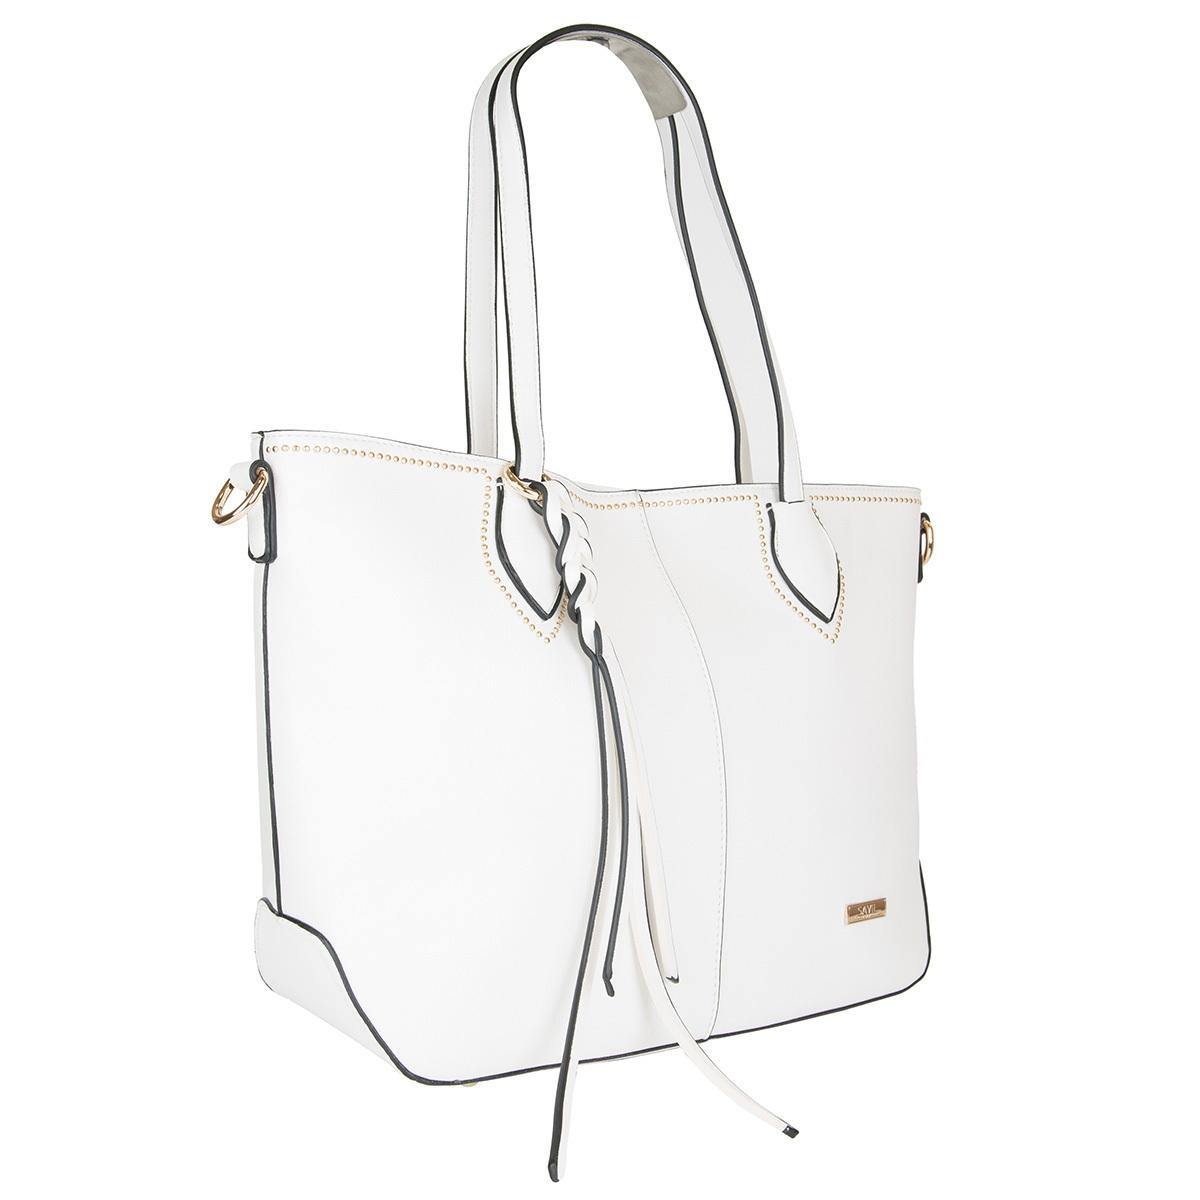 Bagsin-Savil-18-31-08-White-Opened-A1